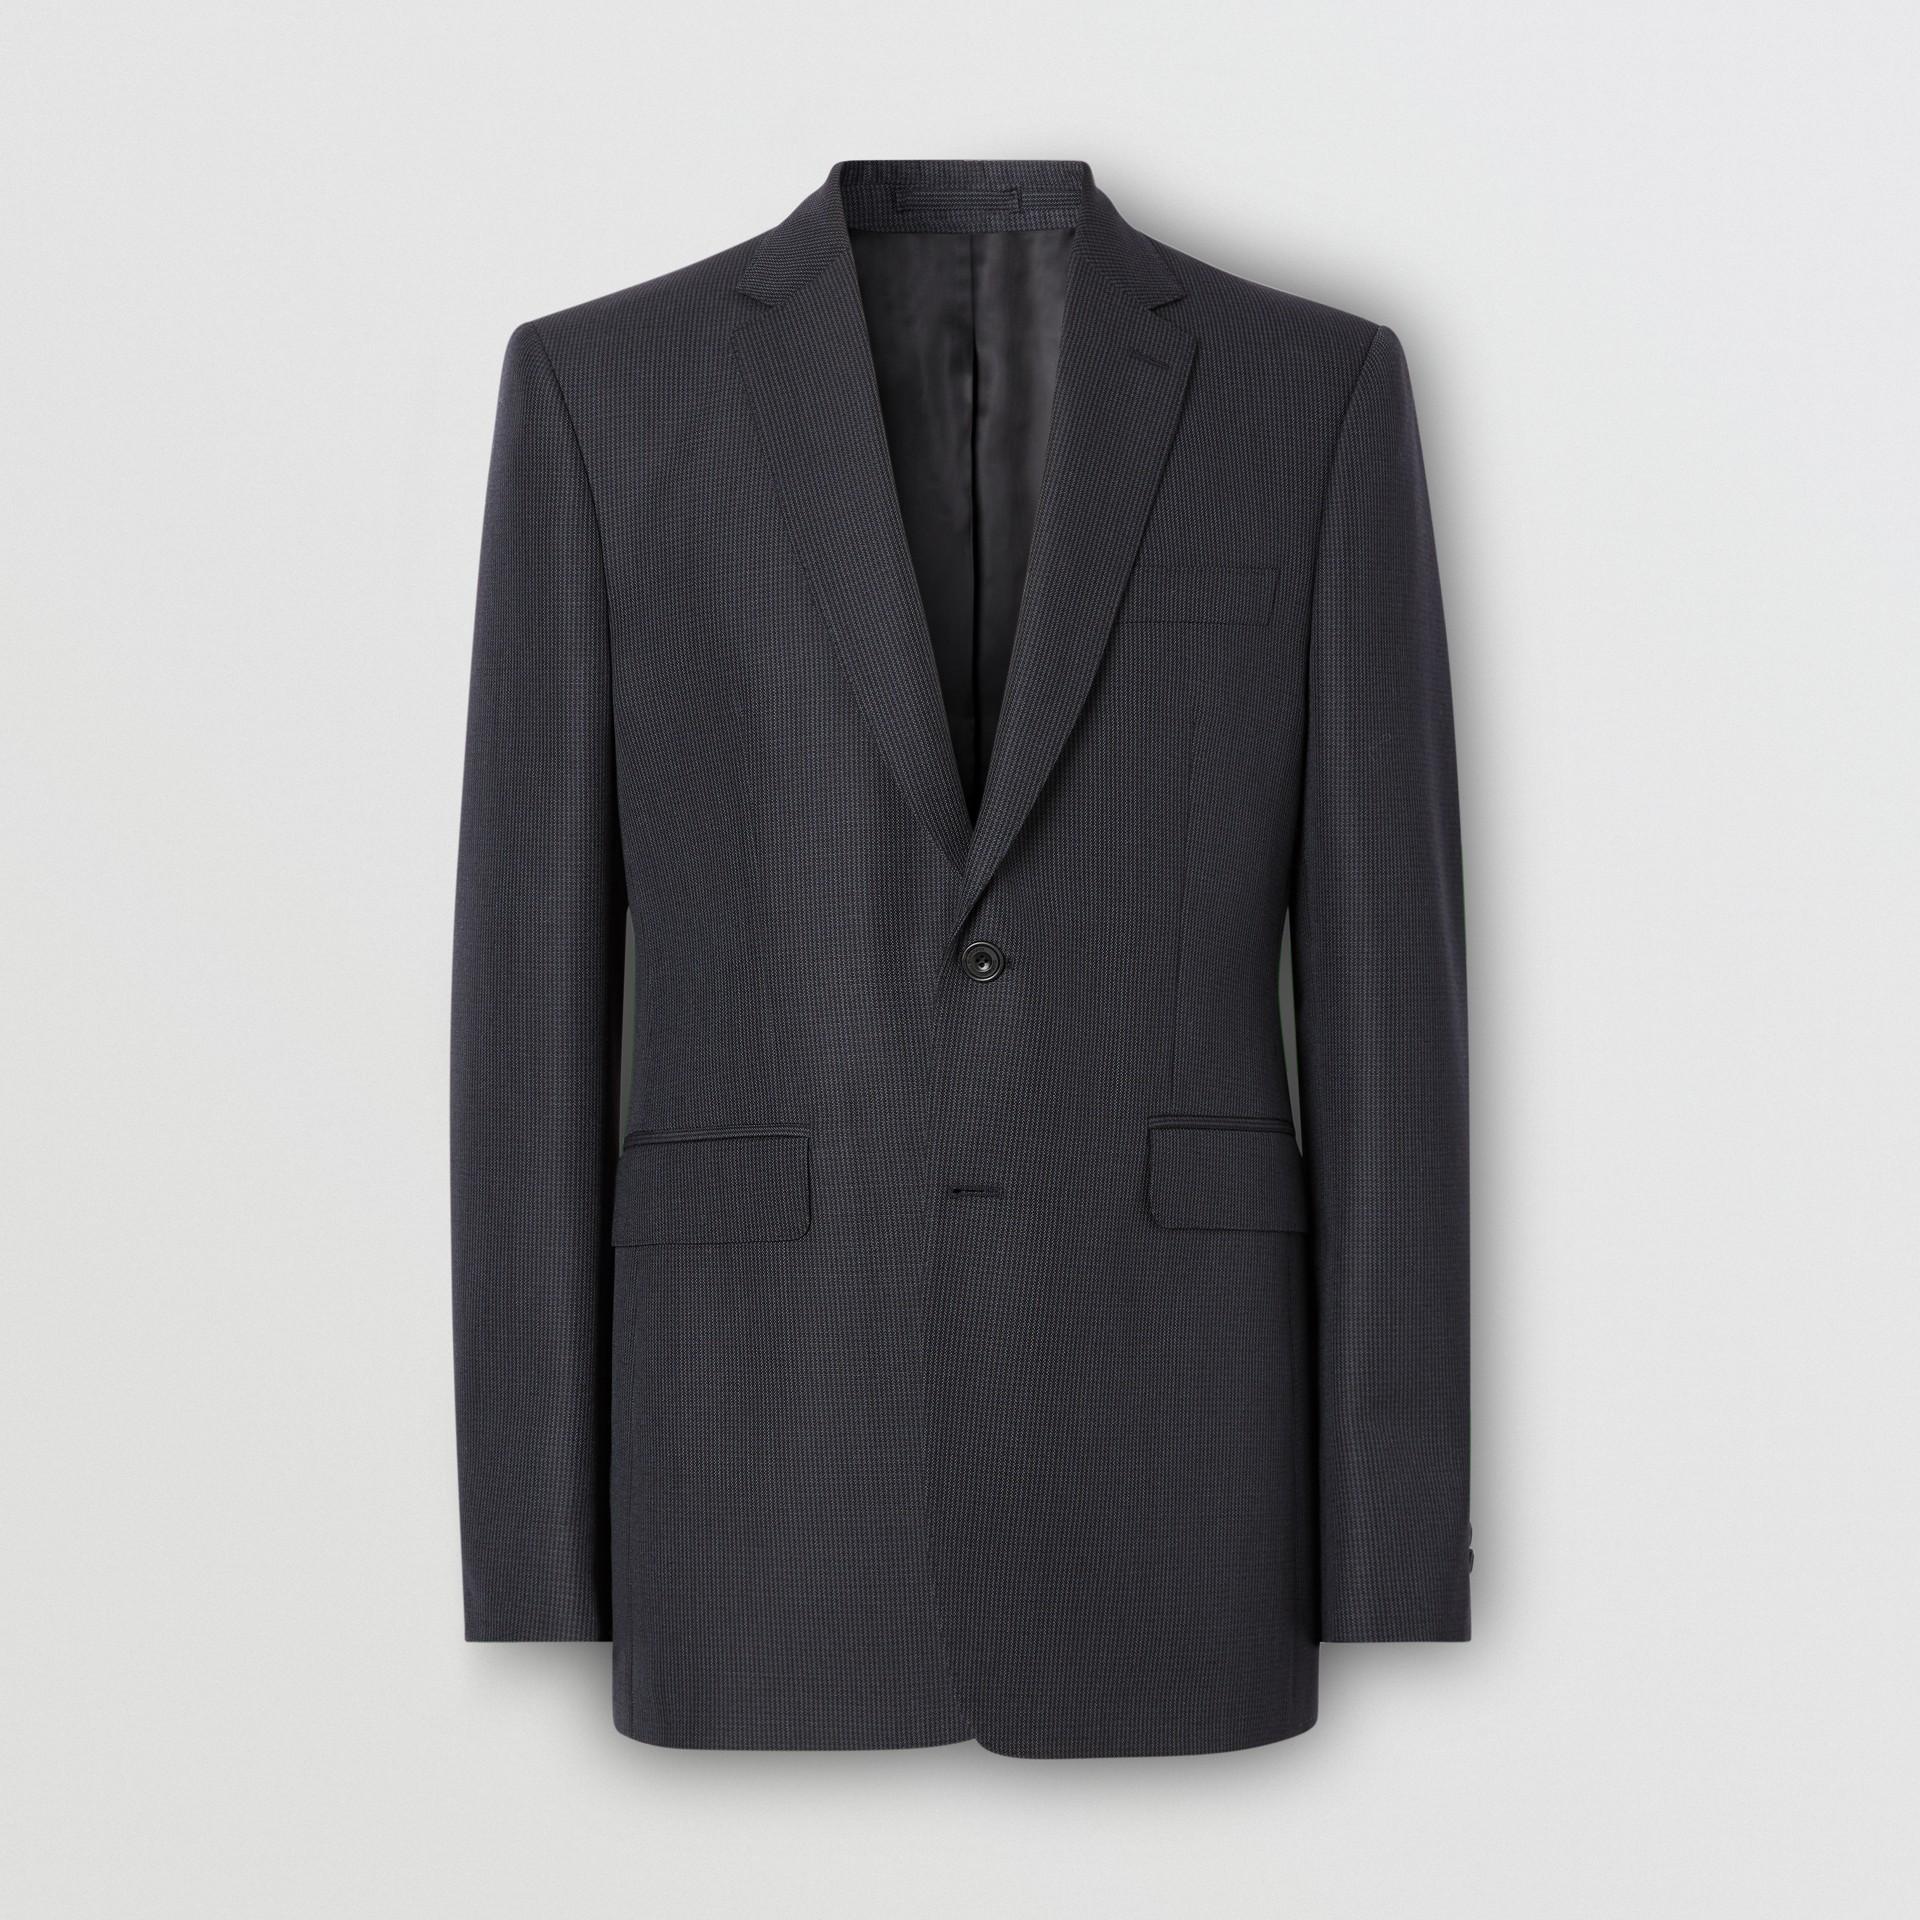 クラシックフィット パピートゥースチェック ウールモヘア スーツ (ネイビー) - メンズ | バーバリー - ギャラリーイメージ 3